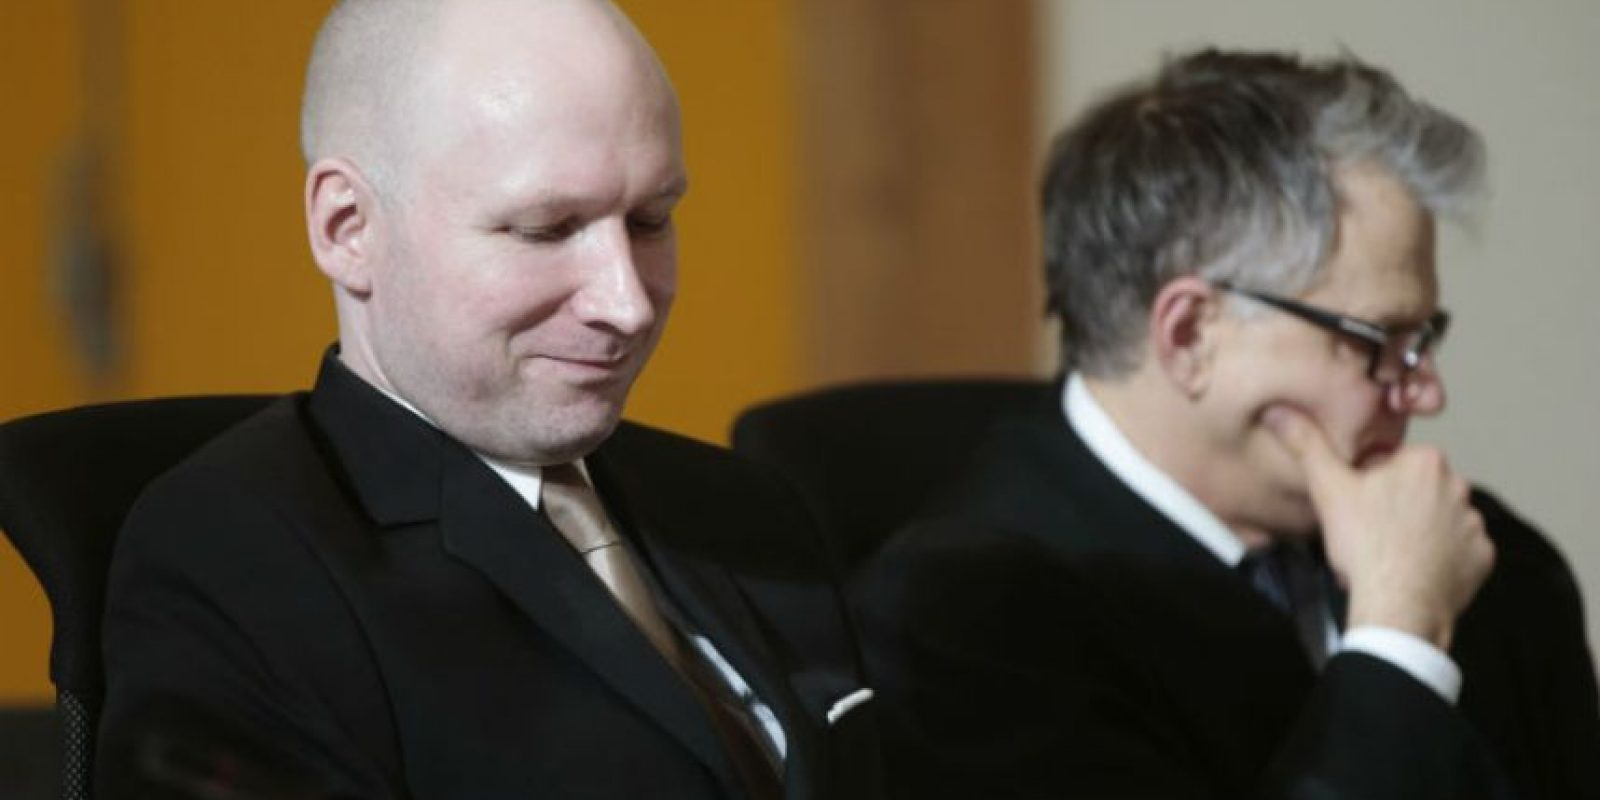 Esto después de que se le acusara de homicidio y terrorismo en los atentados de Noruega en 2011. Foto:AP